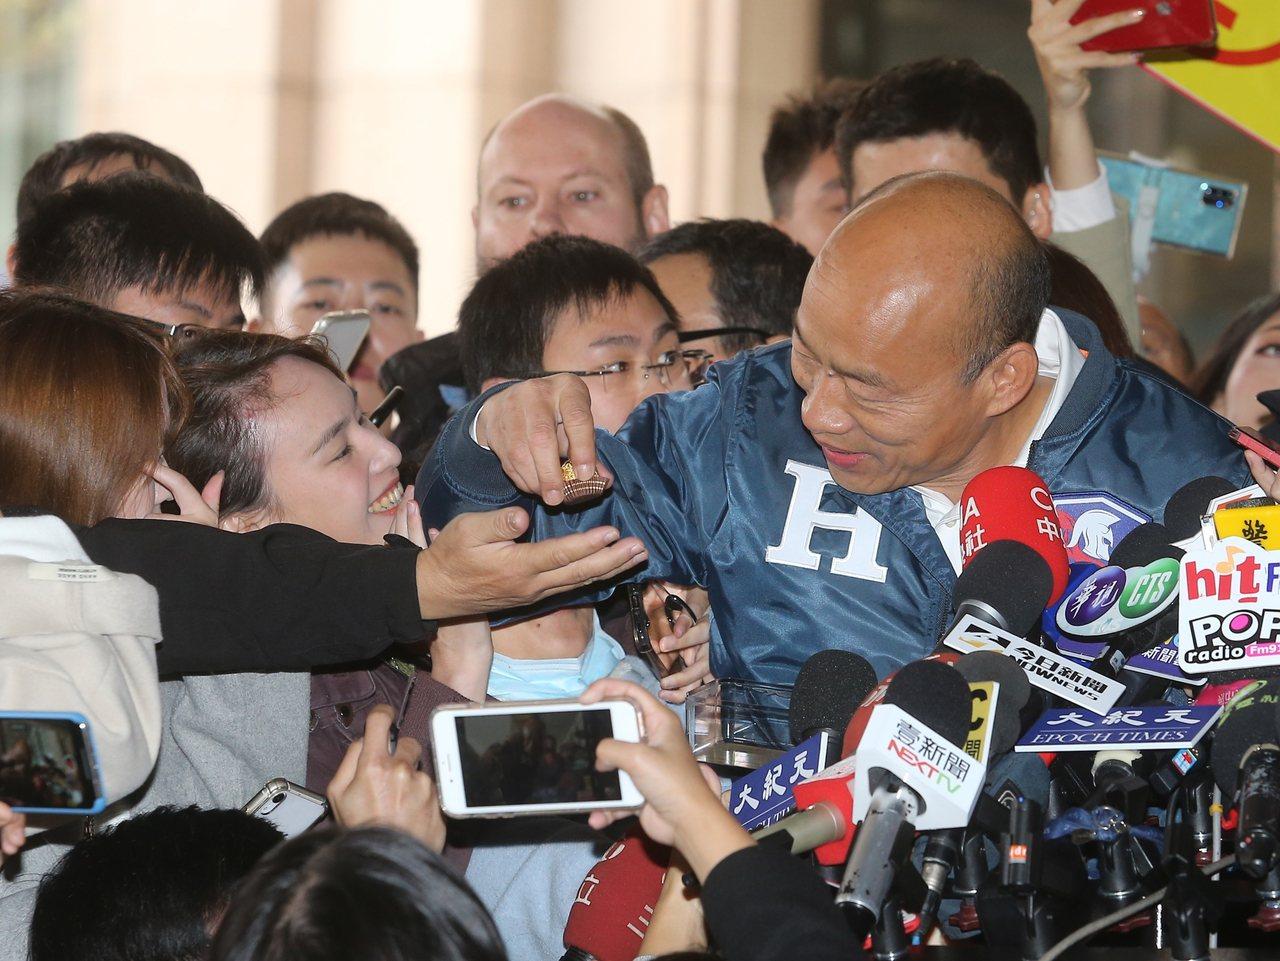 國民黨總統候選人韓國瑜昨天抽籤決定大選號次後,發給支持者巧克力。記者季相儒/攝影